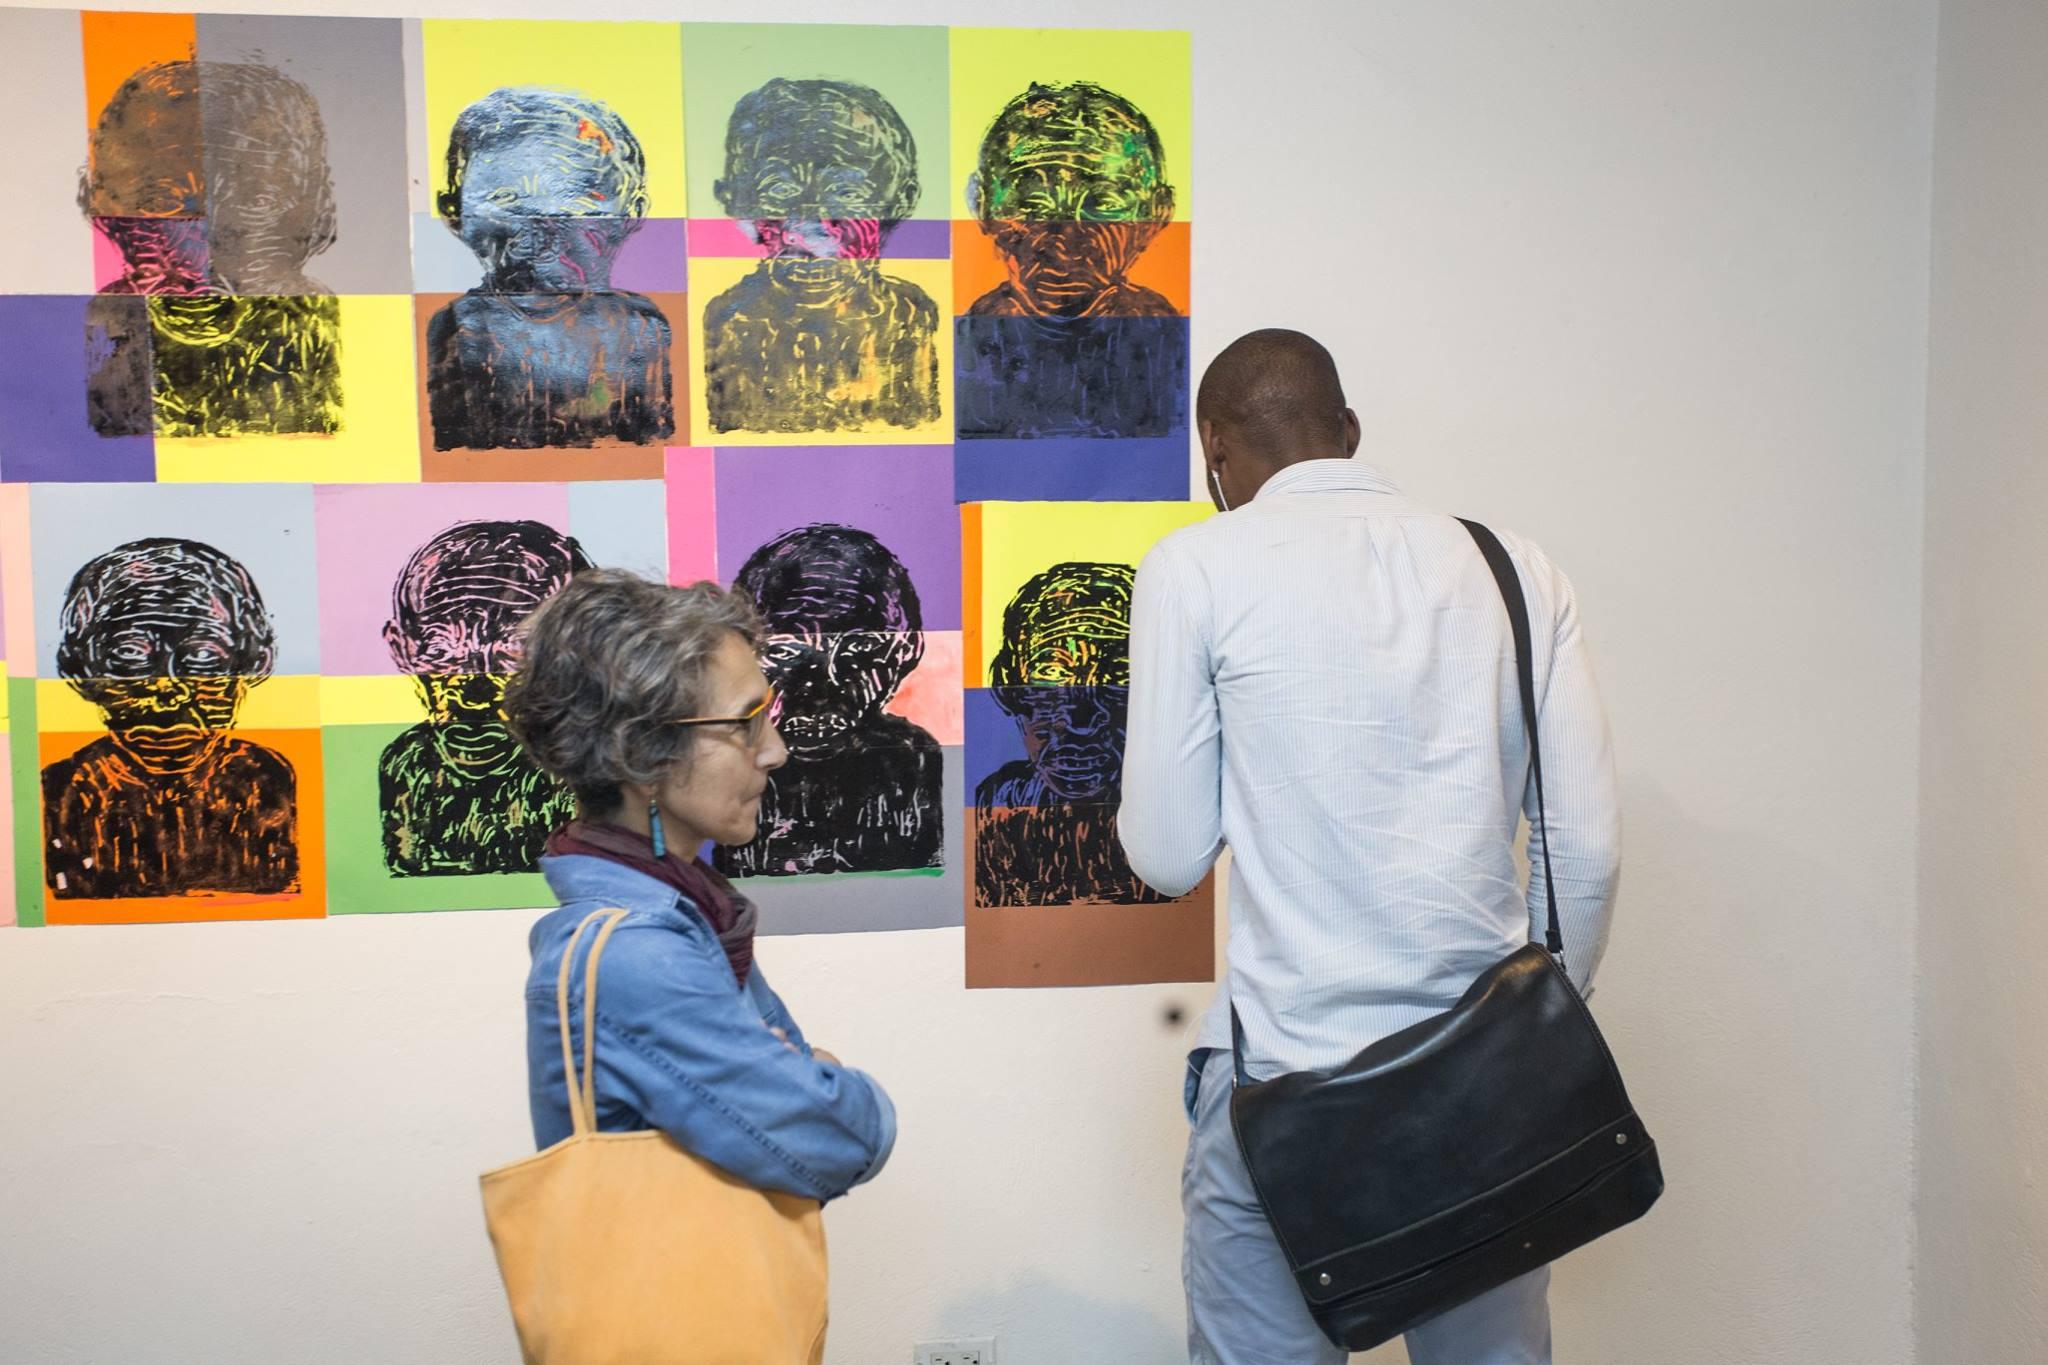 """Vernissage de l'exposition """"Magie Noire"""" des peintres  Pasko et Killy, à l'Institut Français d'Haïti le lundi 5 Novembre 2018 dans le cadre des activités en amont de la quinzième édition du Festival Quatre Chemins./Photo: Association Quatre Chemins"""